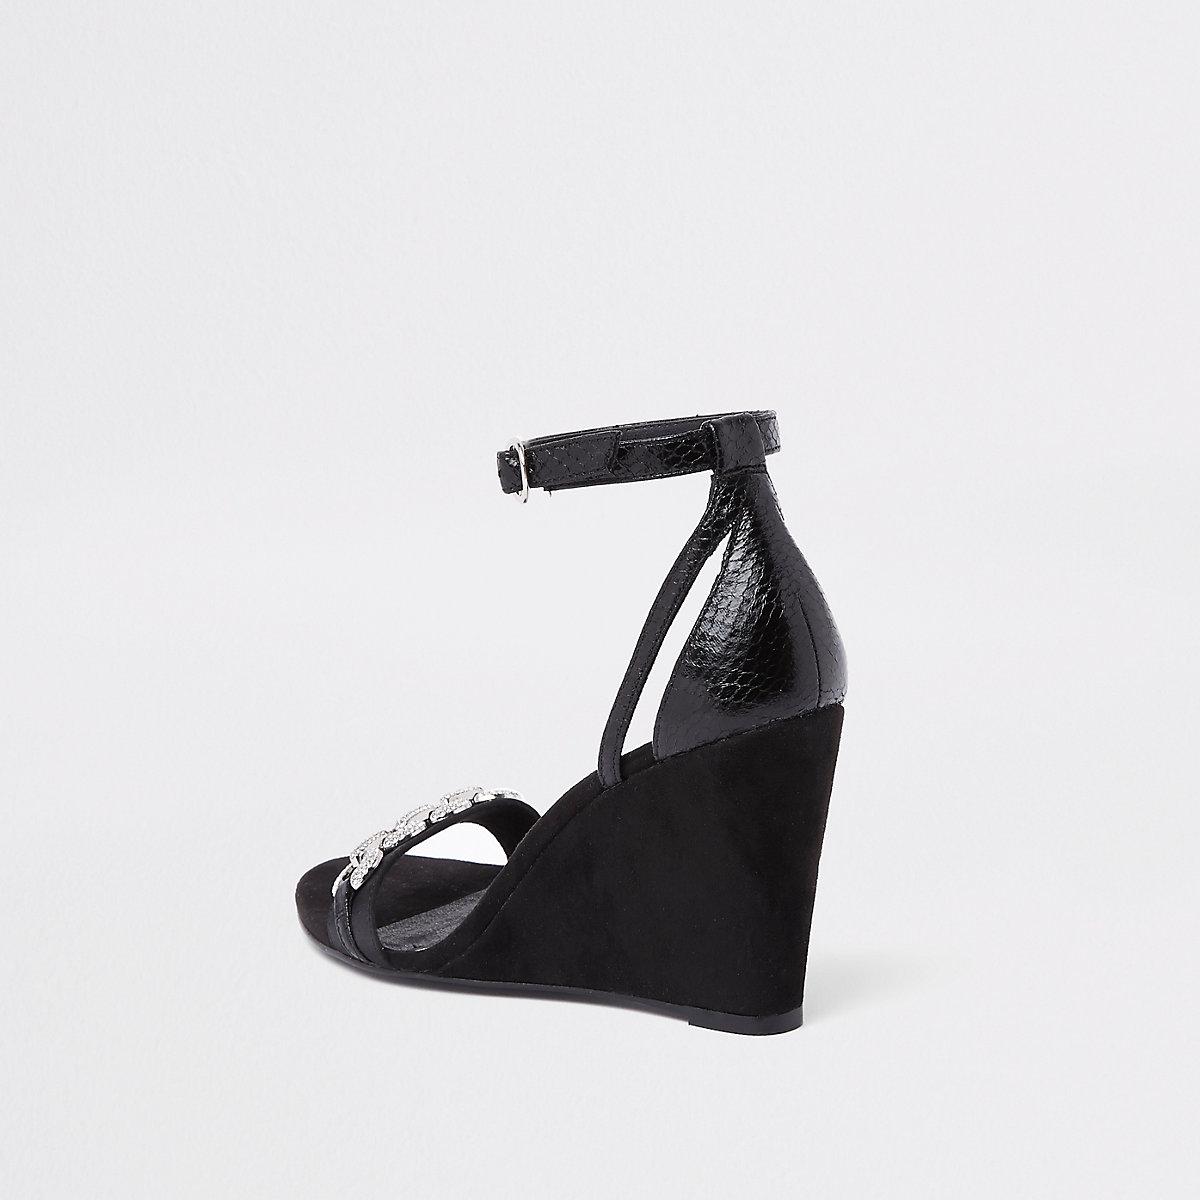 En Schoenen Zwarte Sandalen Sleehak Met Siersteentjes q1FtZ